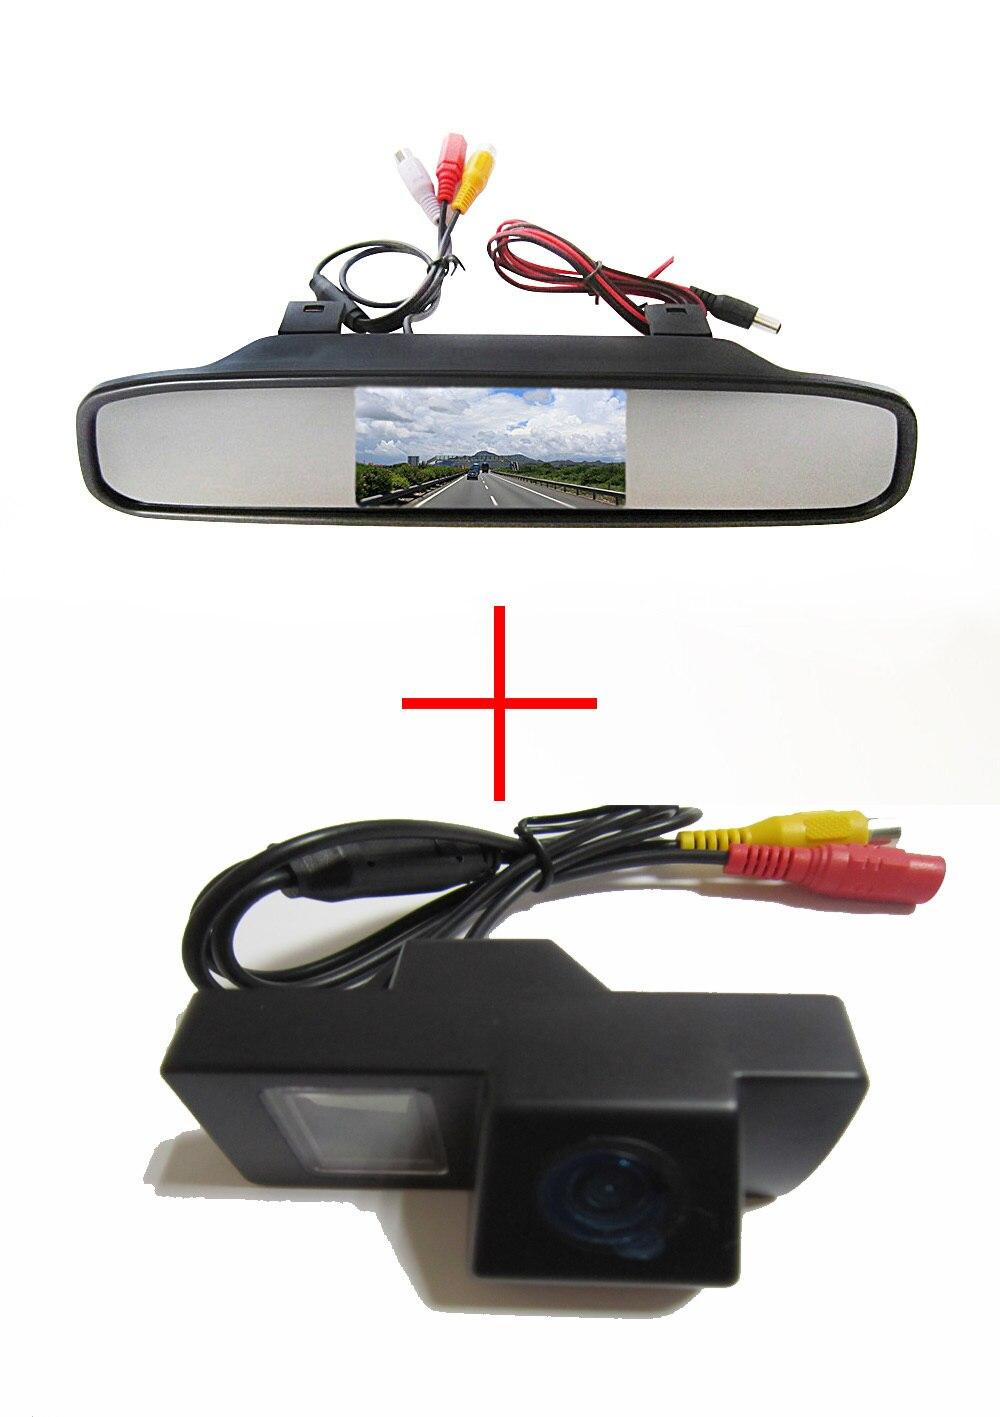 Cámara CCD a color de Vista trasera de coche inalámbrica para TOYOTA LAND CRUISER 200 LC200/Toyota REIZ 2009, con monitor de espejo retrovisor de 4,3 pulgadas